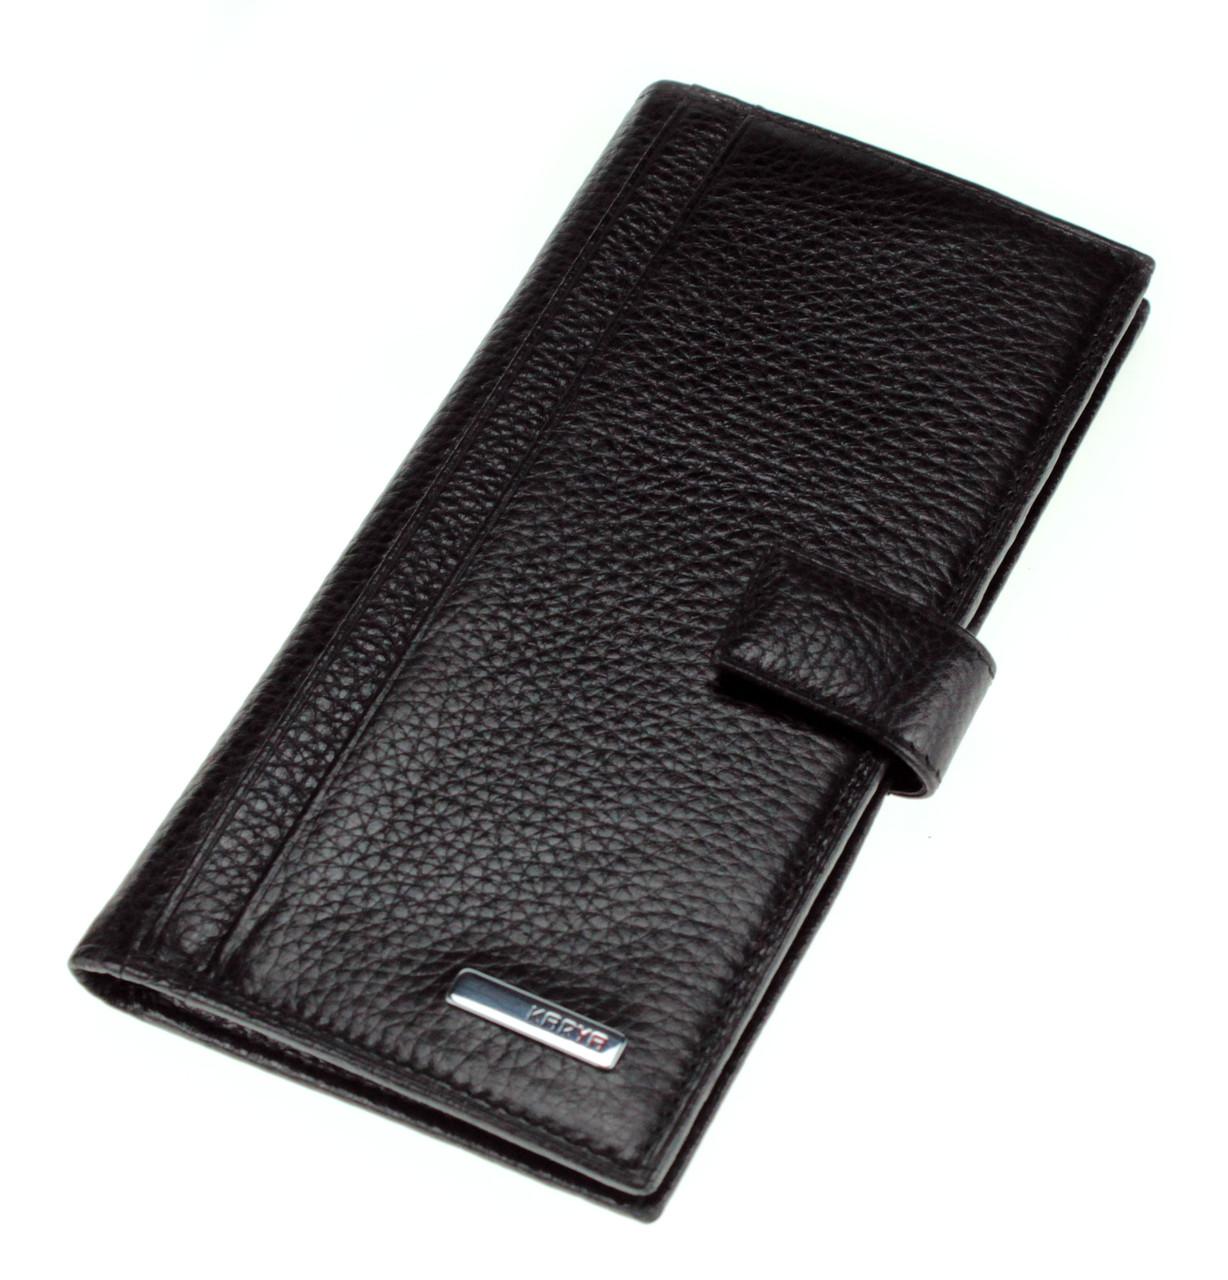 Вертикальный мужской кошелек (купюрник) Karya из натуральной кожи черный